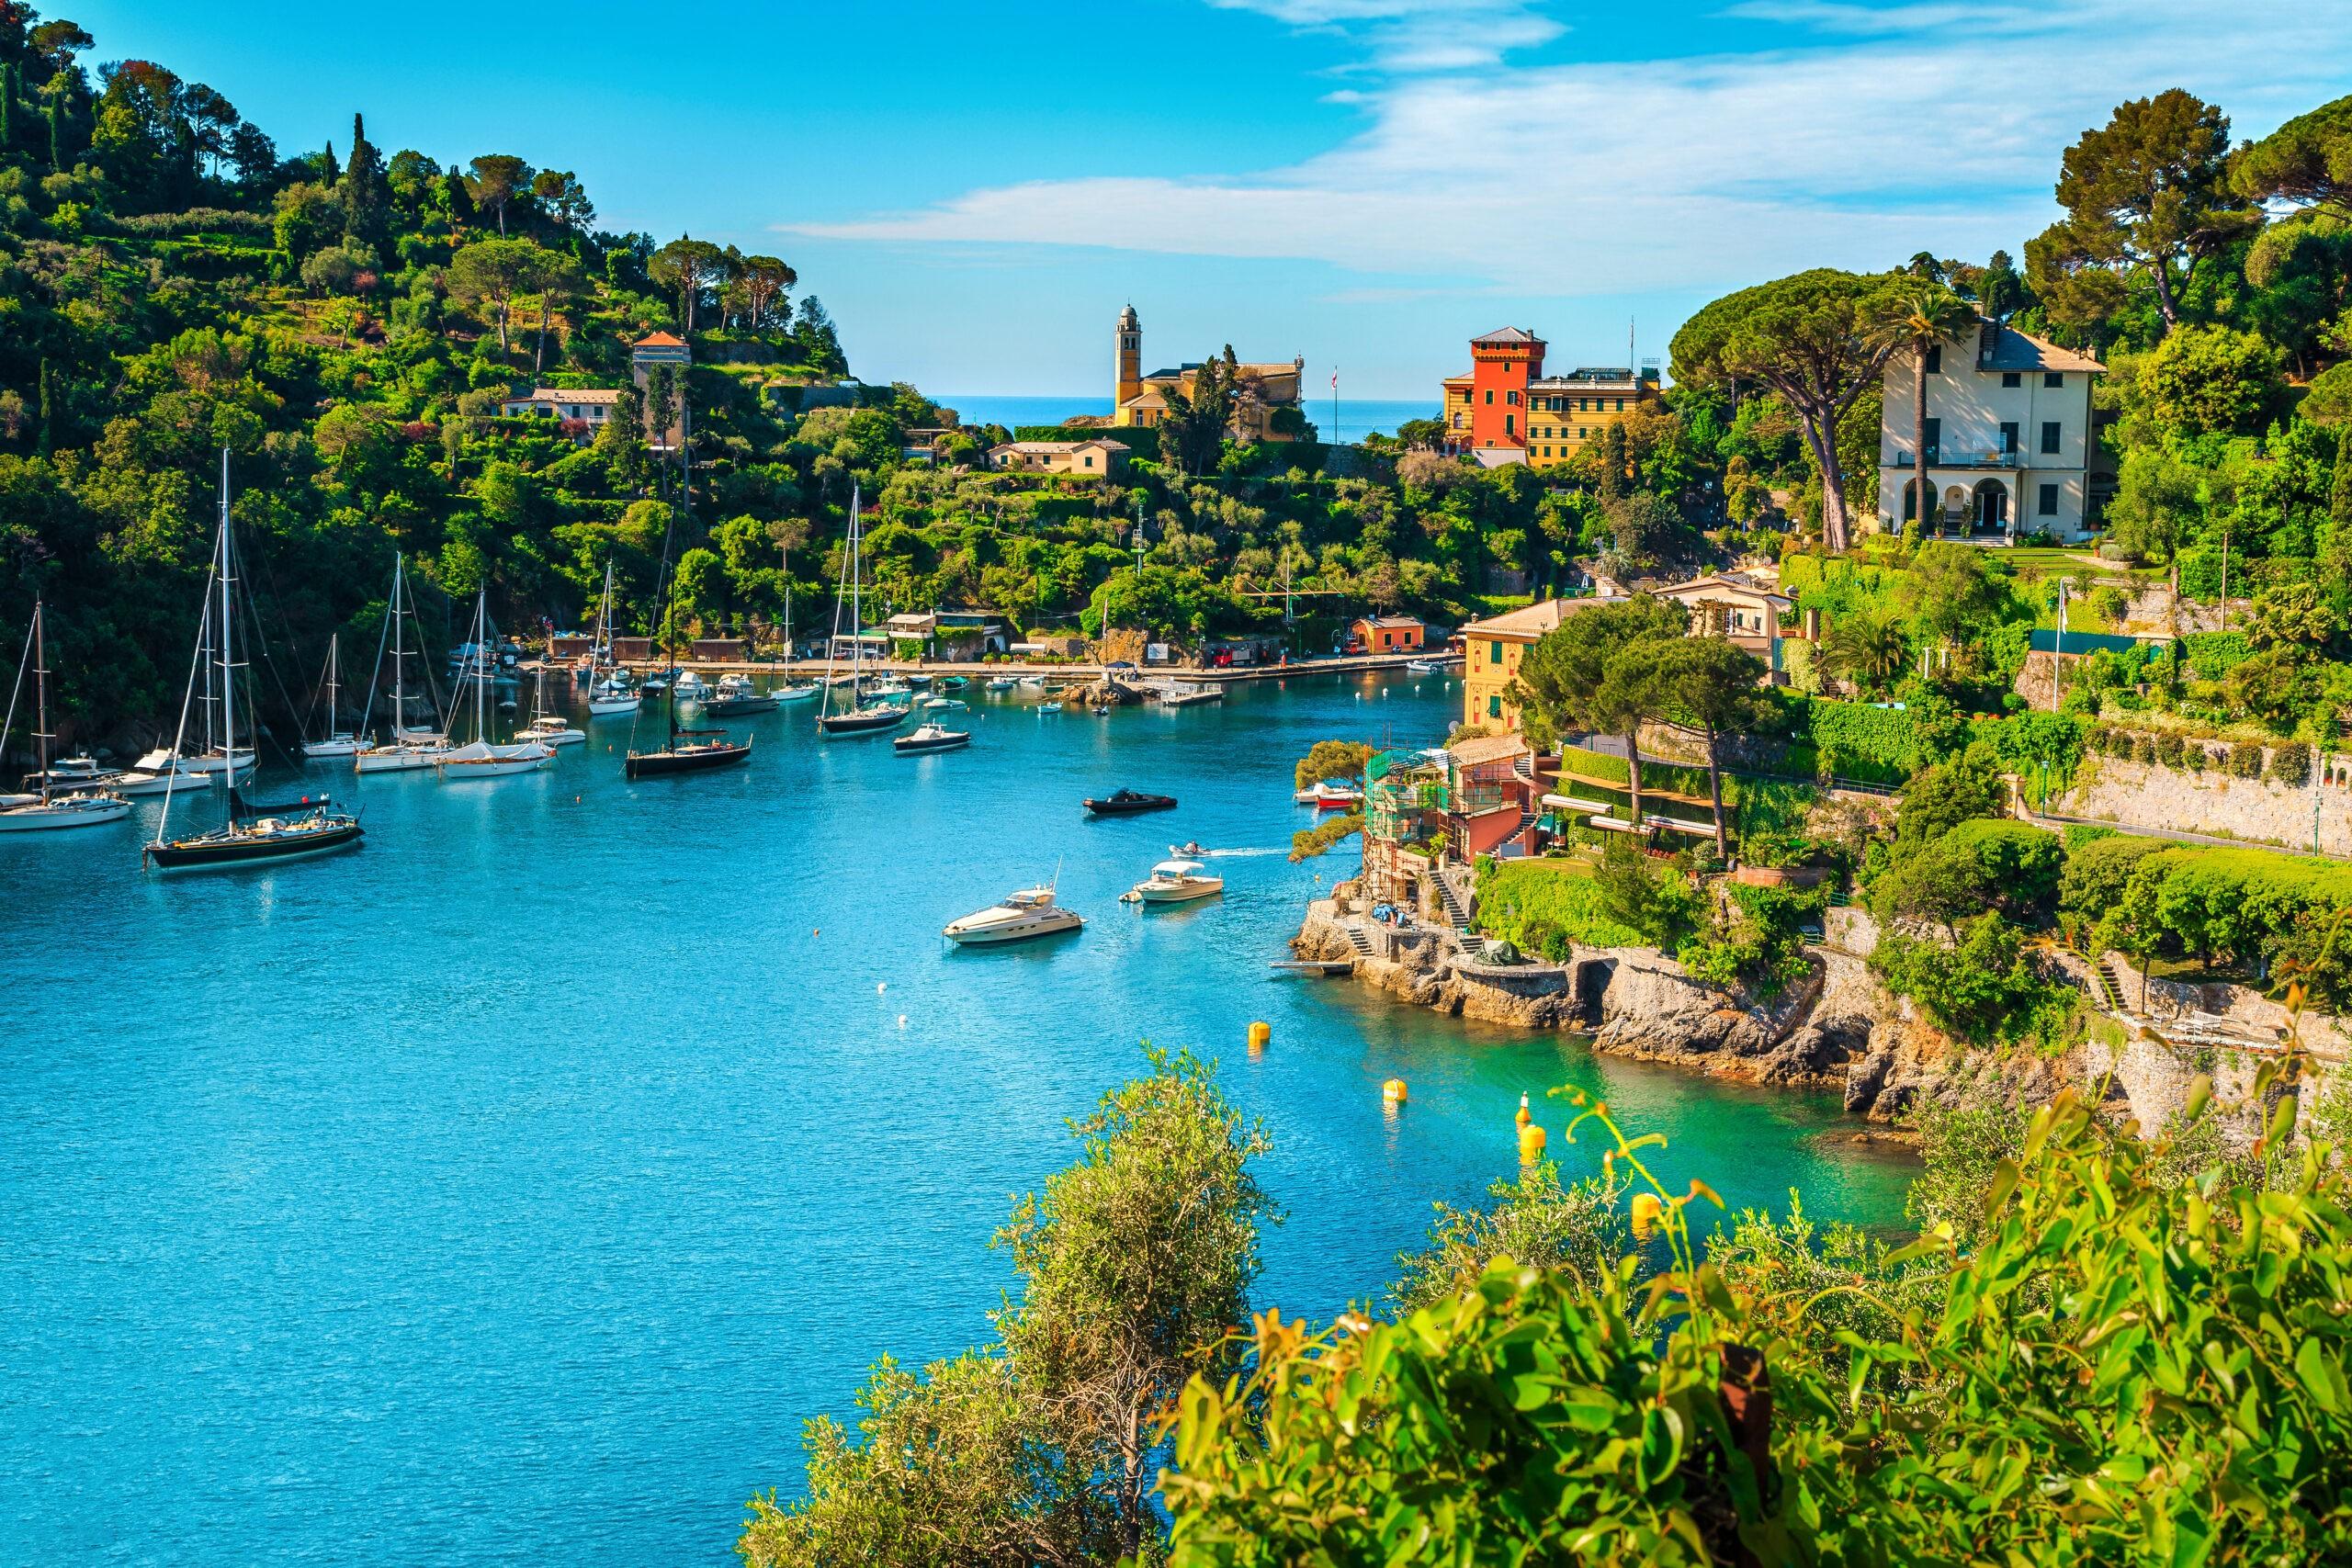 Malownicza zatoka w LIgurii, Włochy